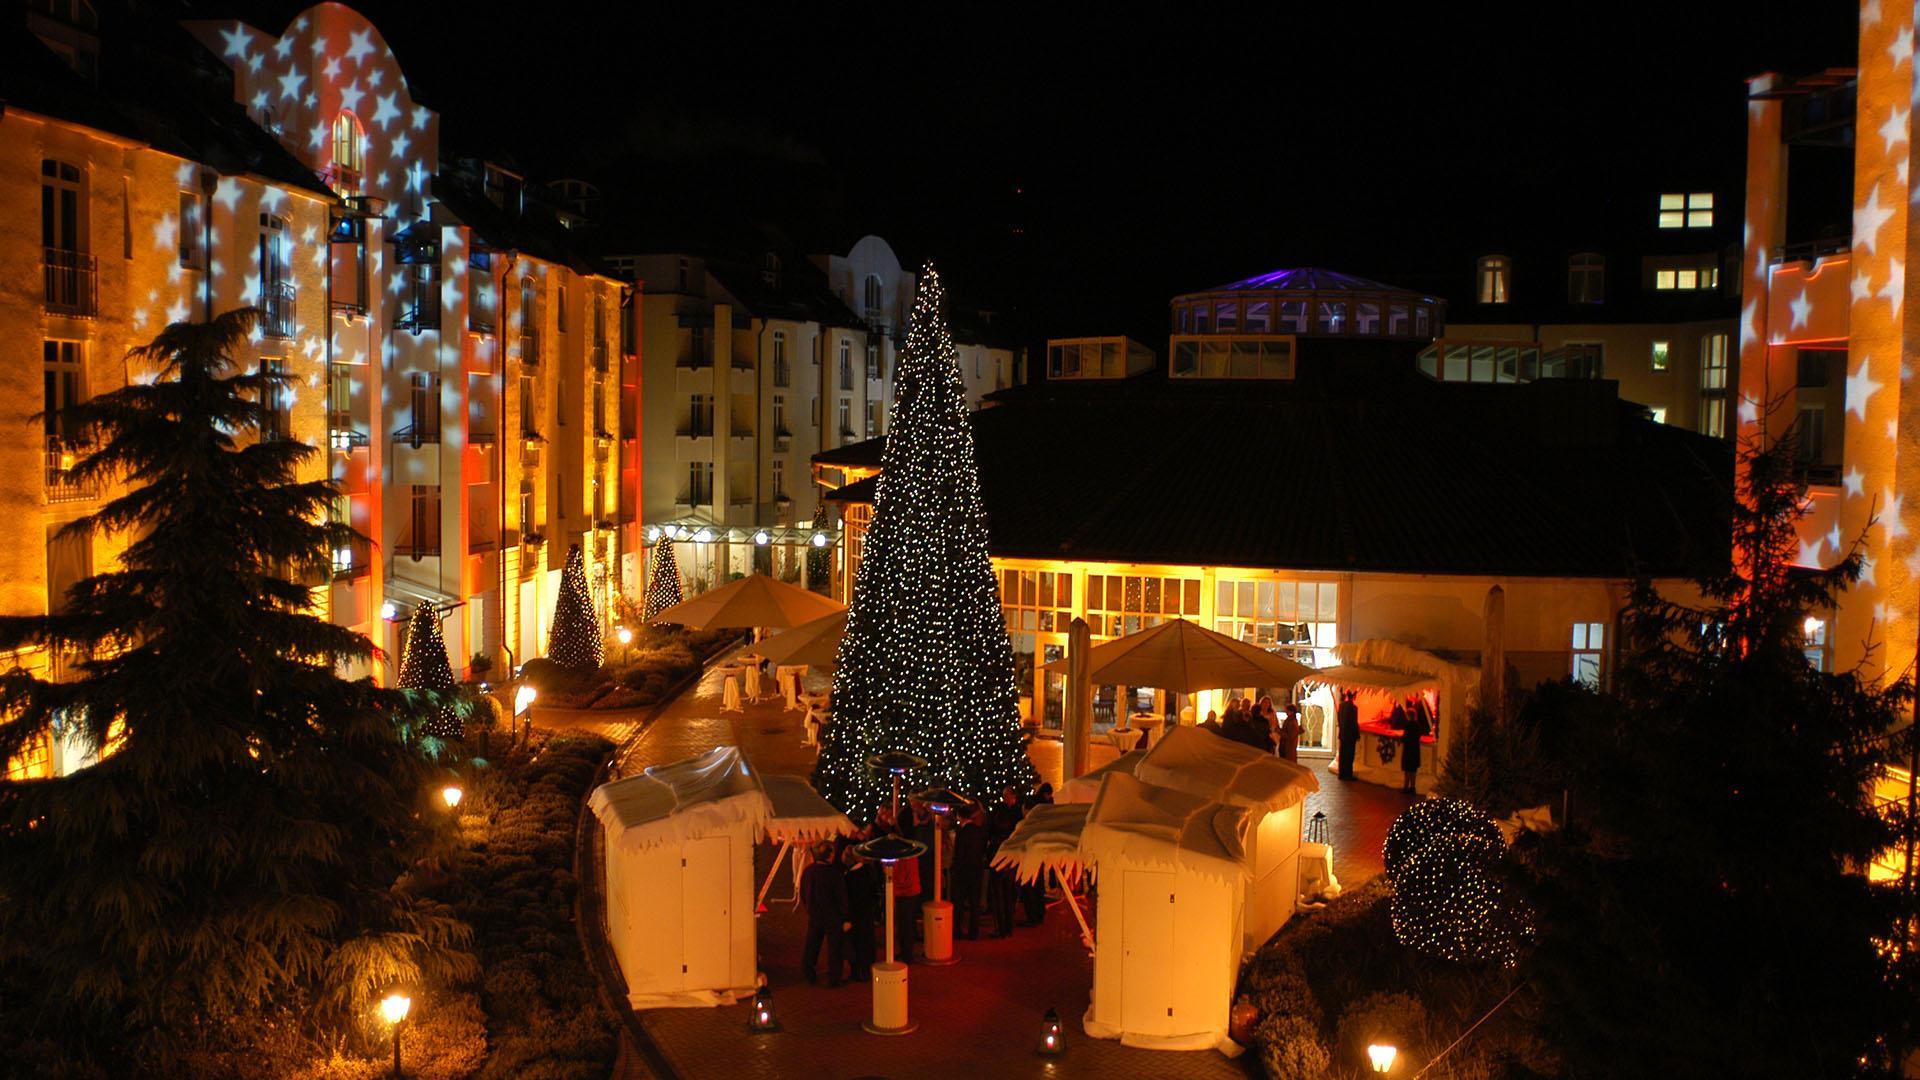 Weihnachten im Hotel VILA VITA Rosenpark in Marburg